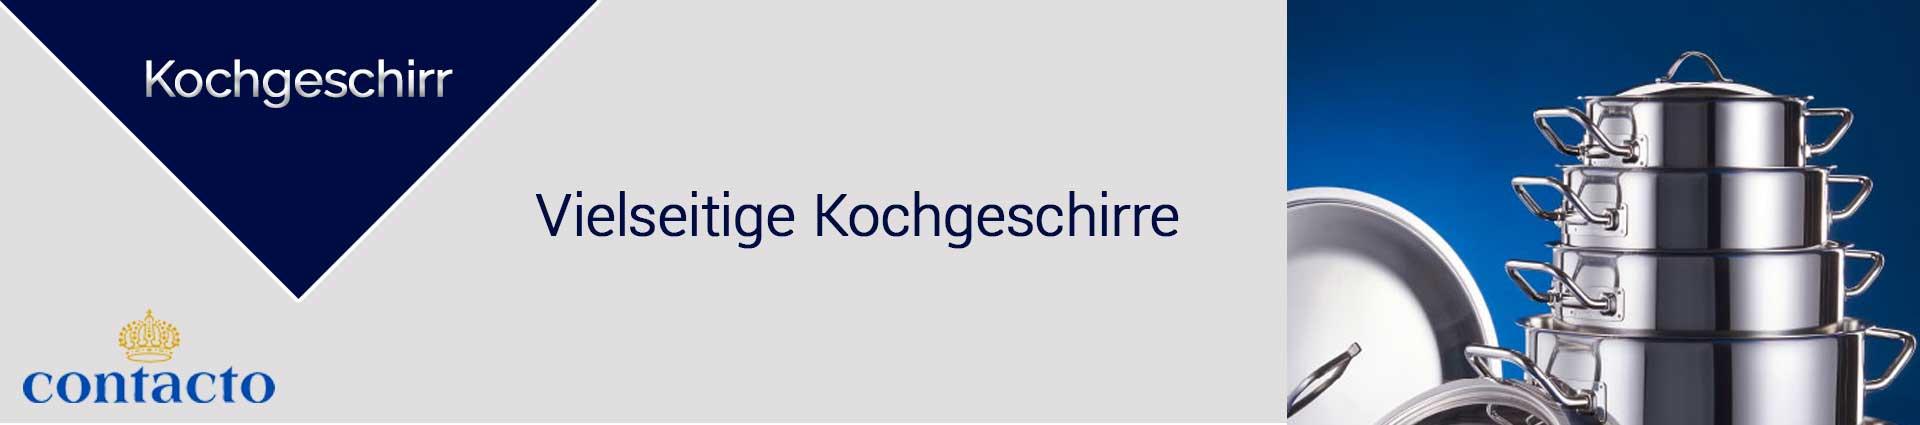 Contacto Kochgeschirr Banner